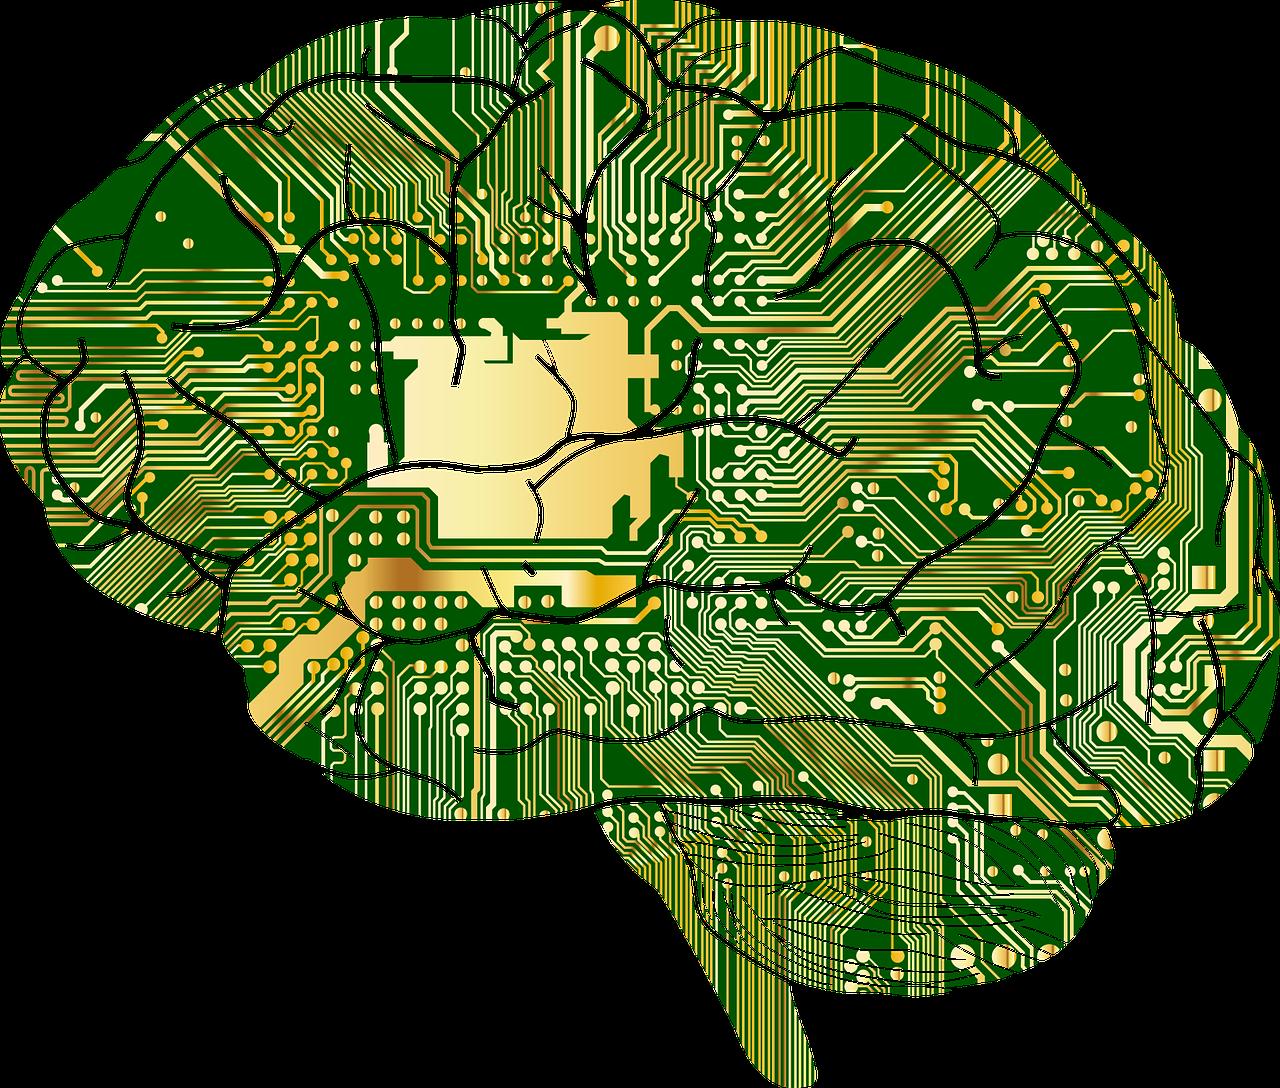 人工知能(AI)が人間を超える「シンギュラリティ(技術的特異点)」が、2045年に到来すると言われていますが、人間を超えるとは、どんなことでしょうか?